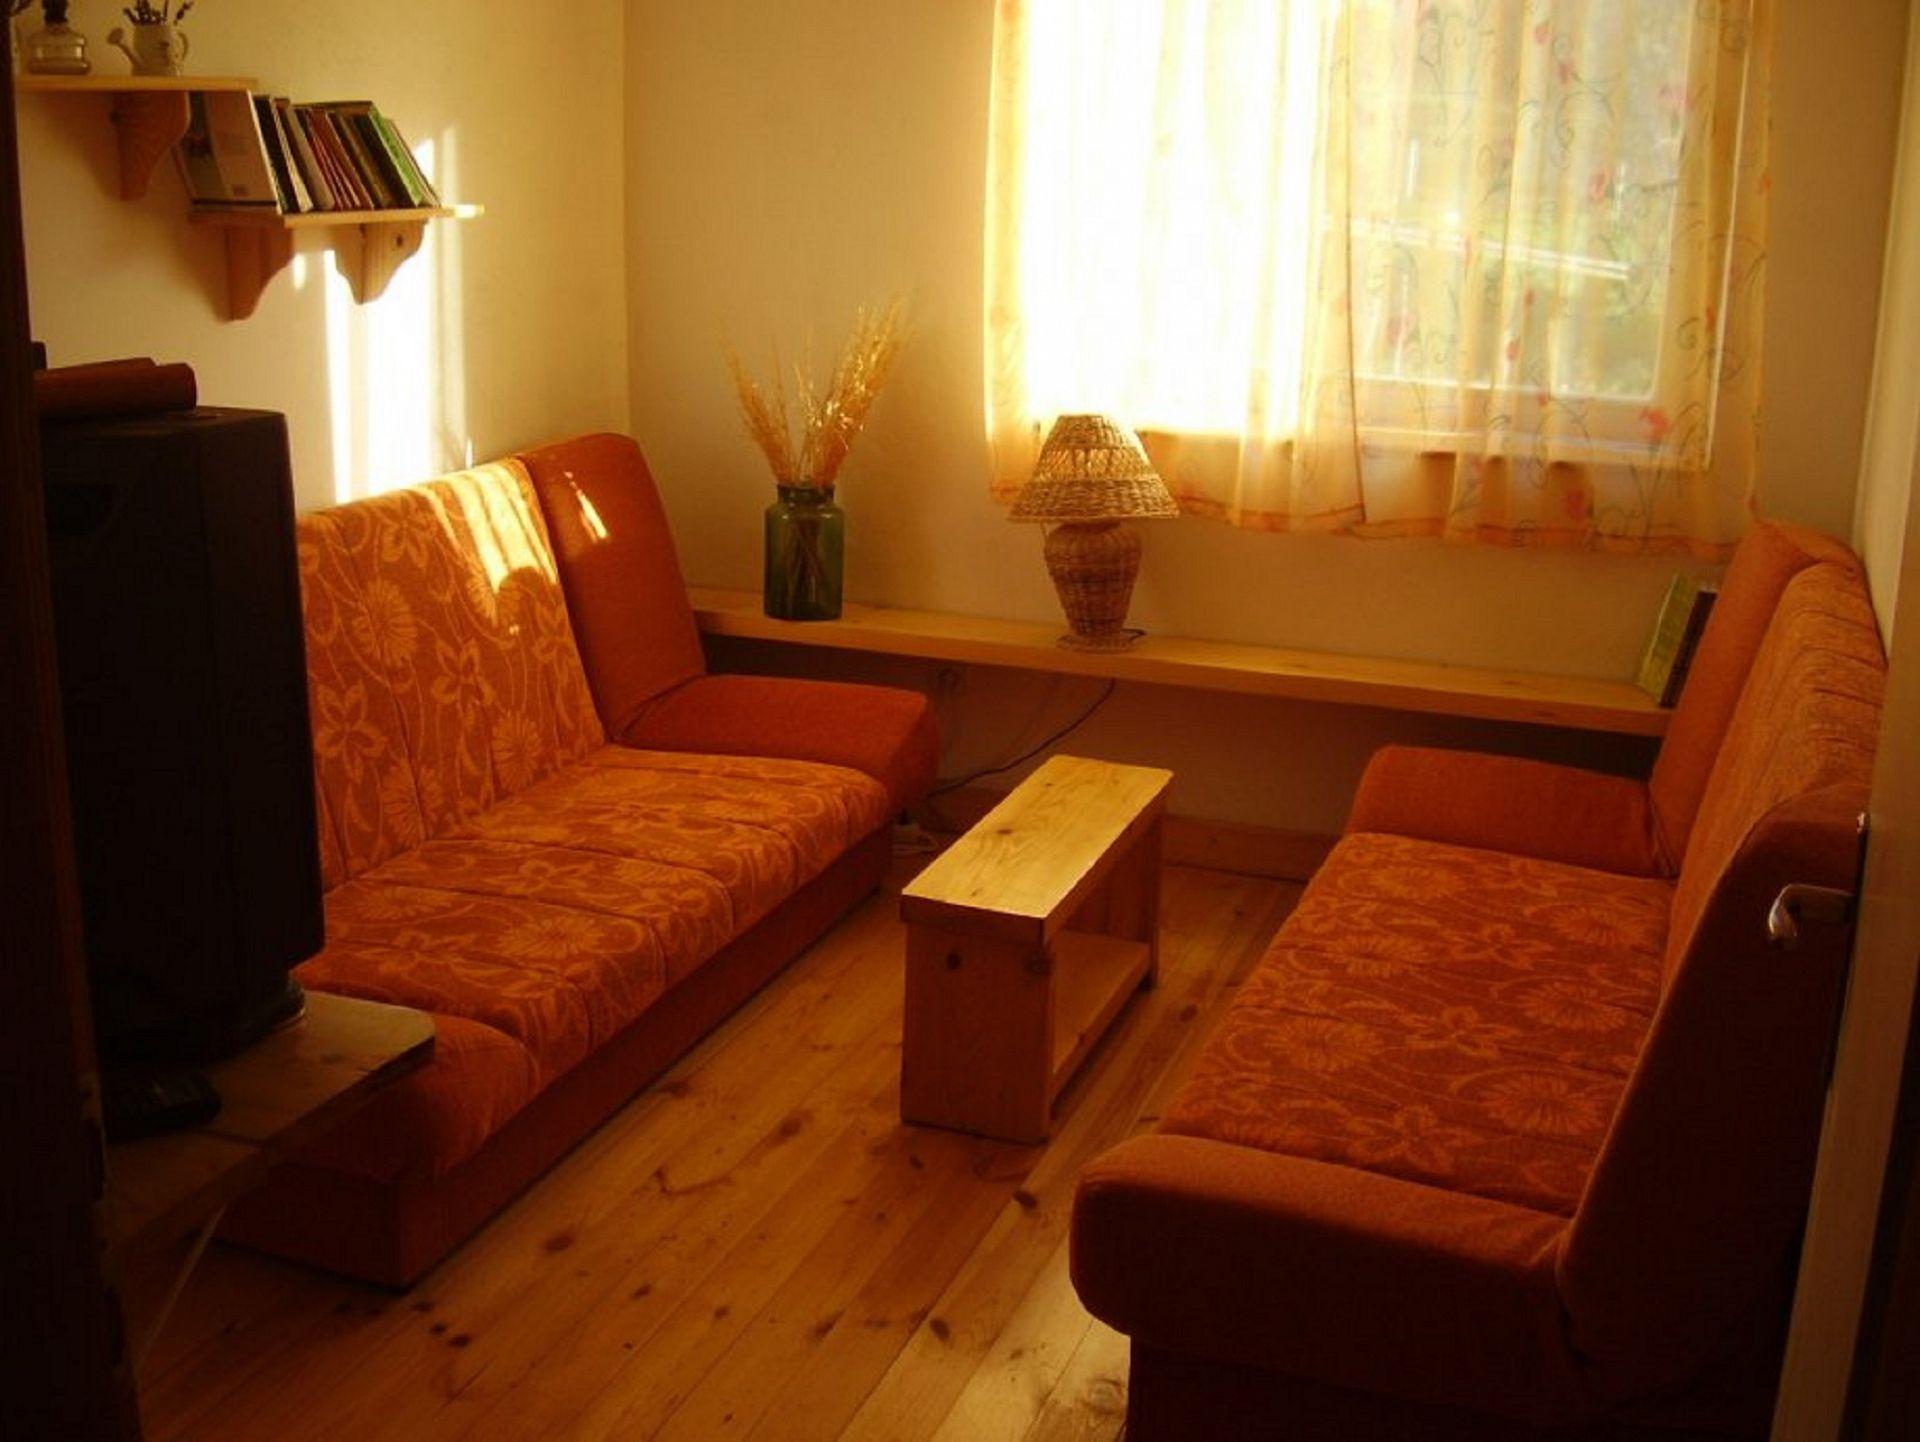 Biserka - Gacka dolina - Maisons de repos, villas Croatie - H(4+2): séjour